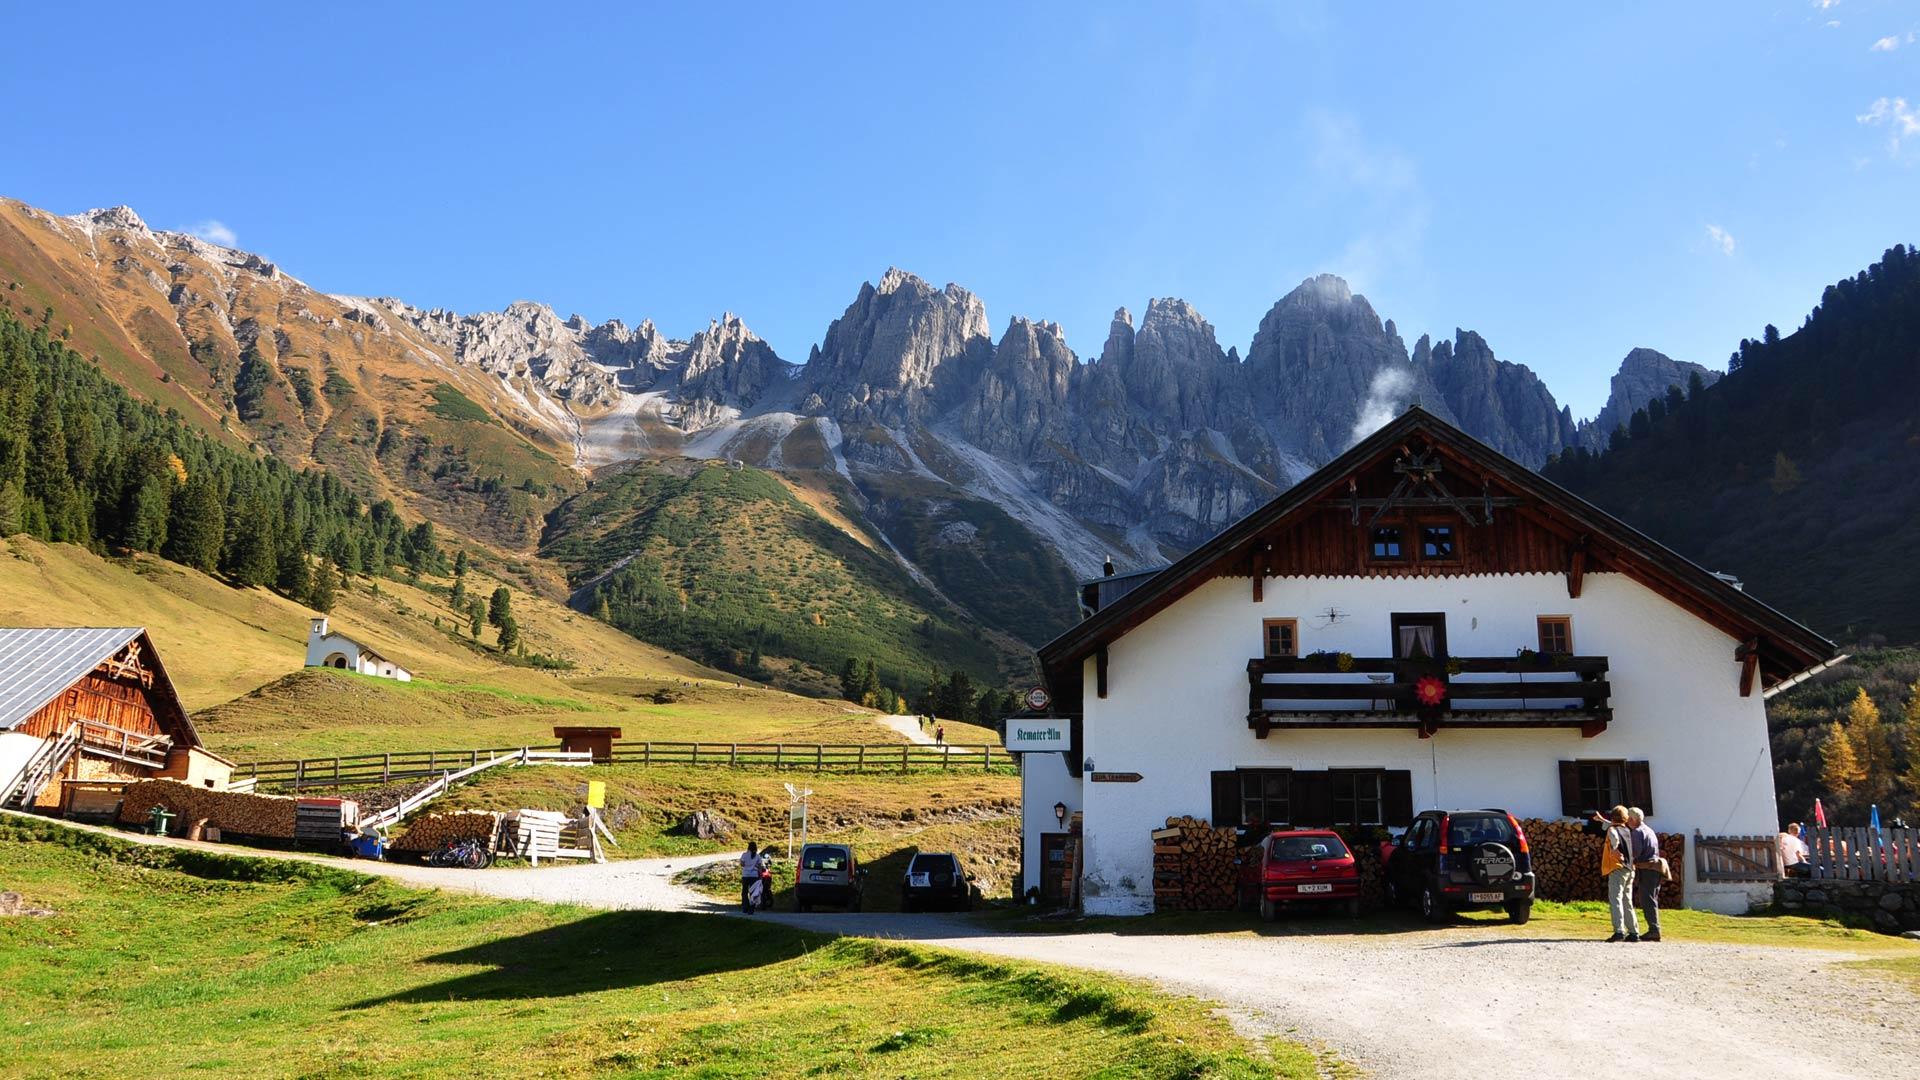 Klettersteig Graubünden : Steingrubenkogelu2013klettersteig 2633m von der kemater alm